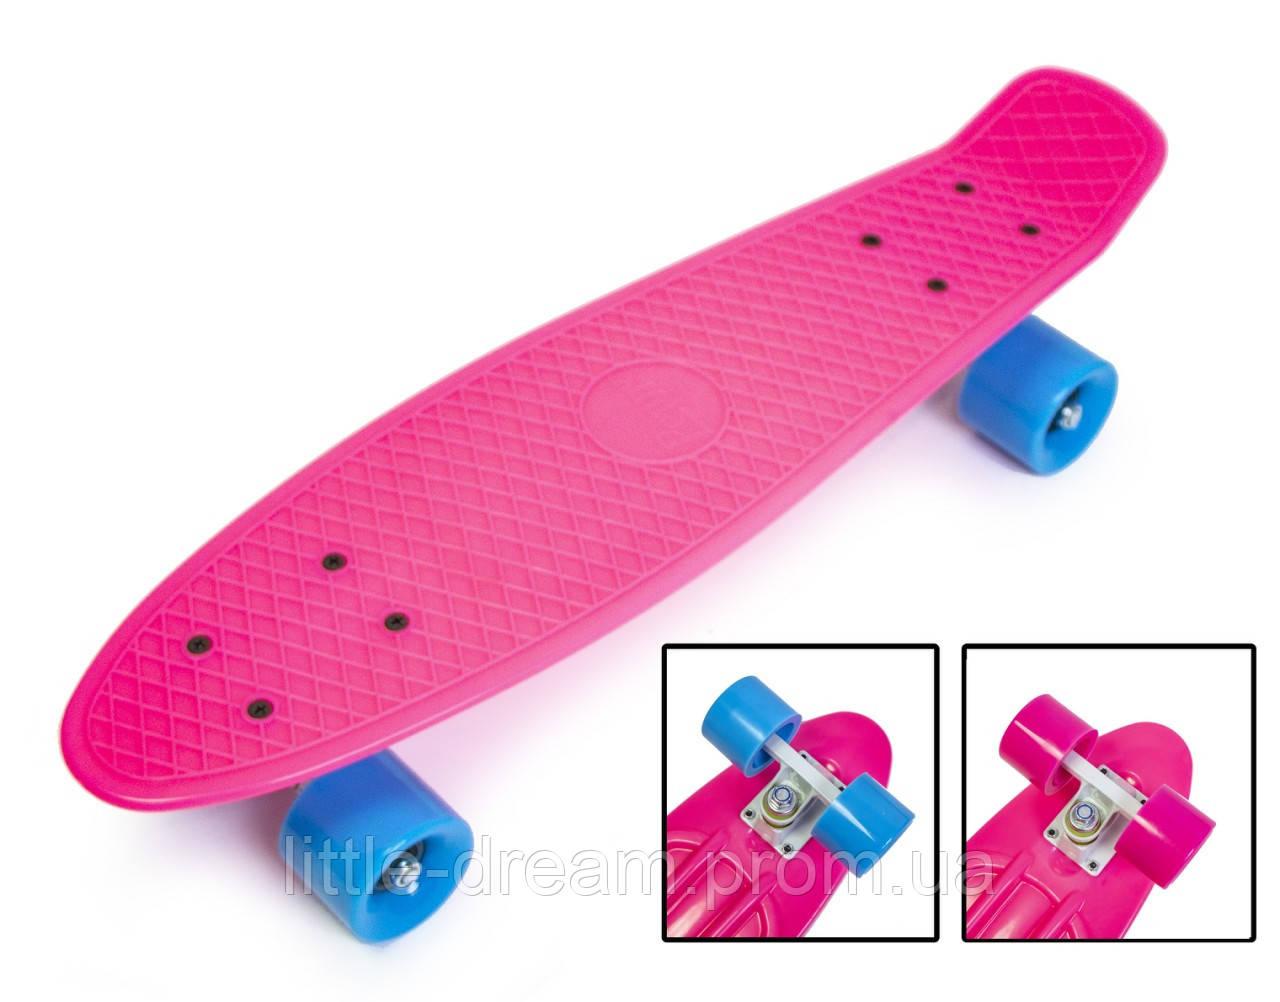 Пенниборд Penny Board. Малиновый цвет. Матовые колеса.